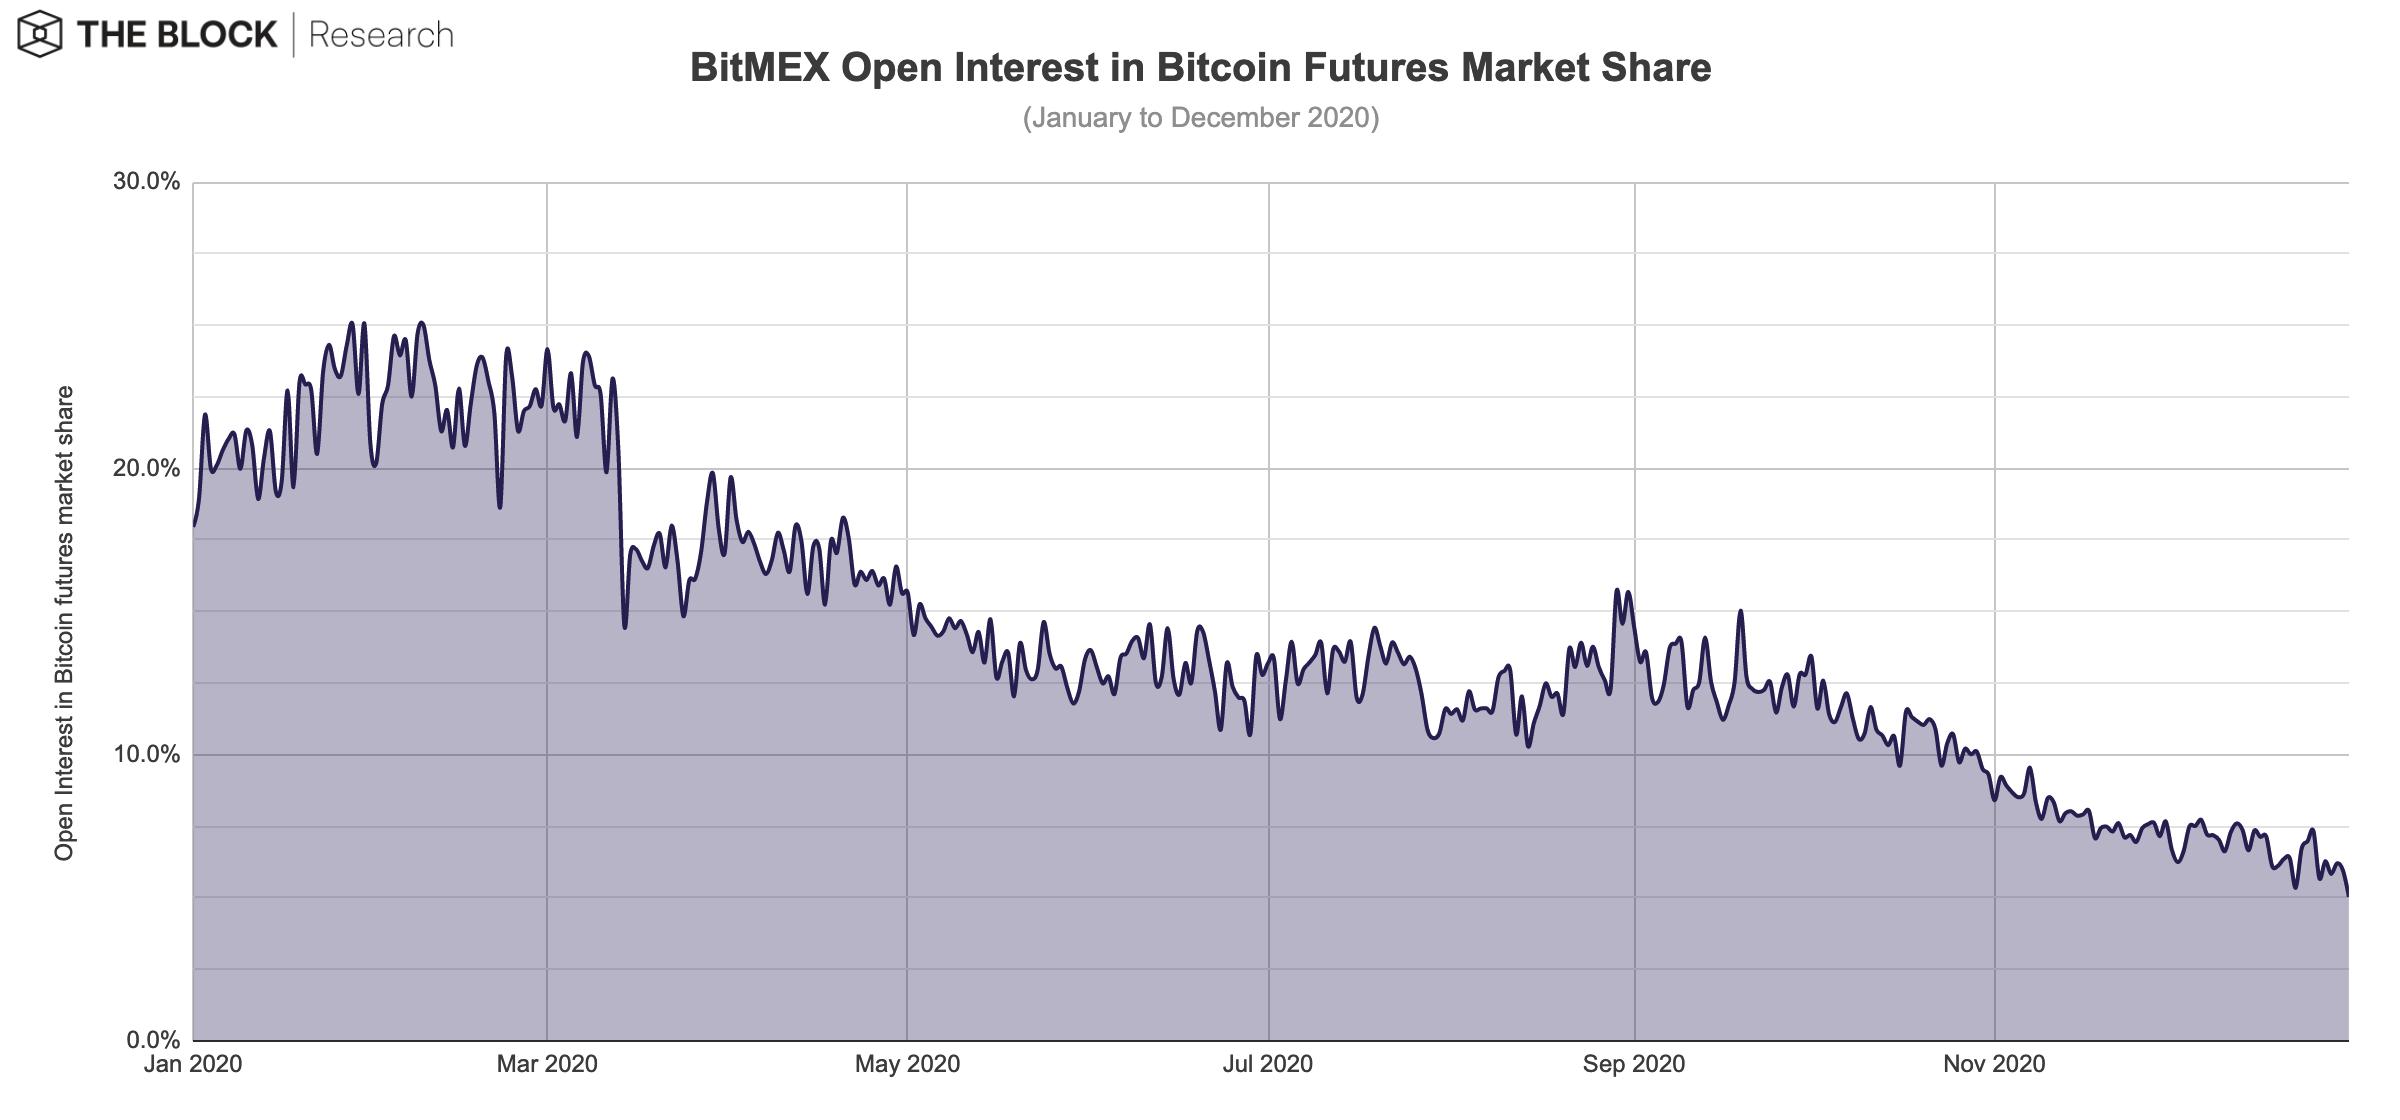 BTC OI market share